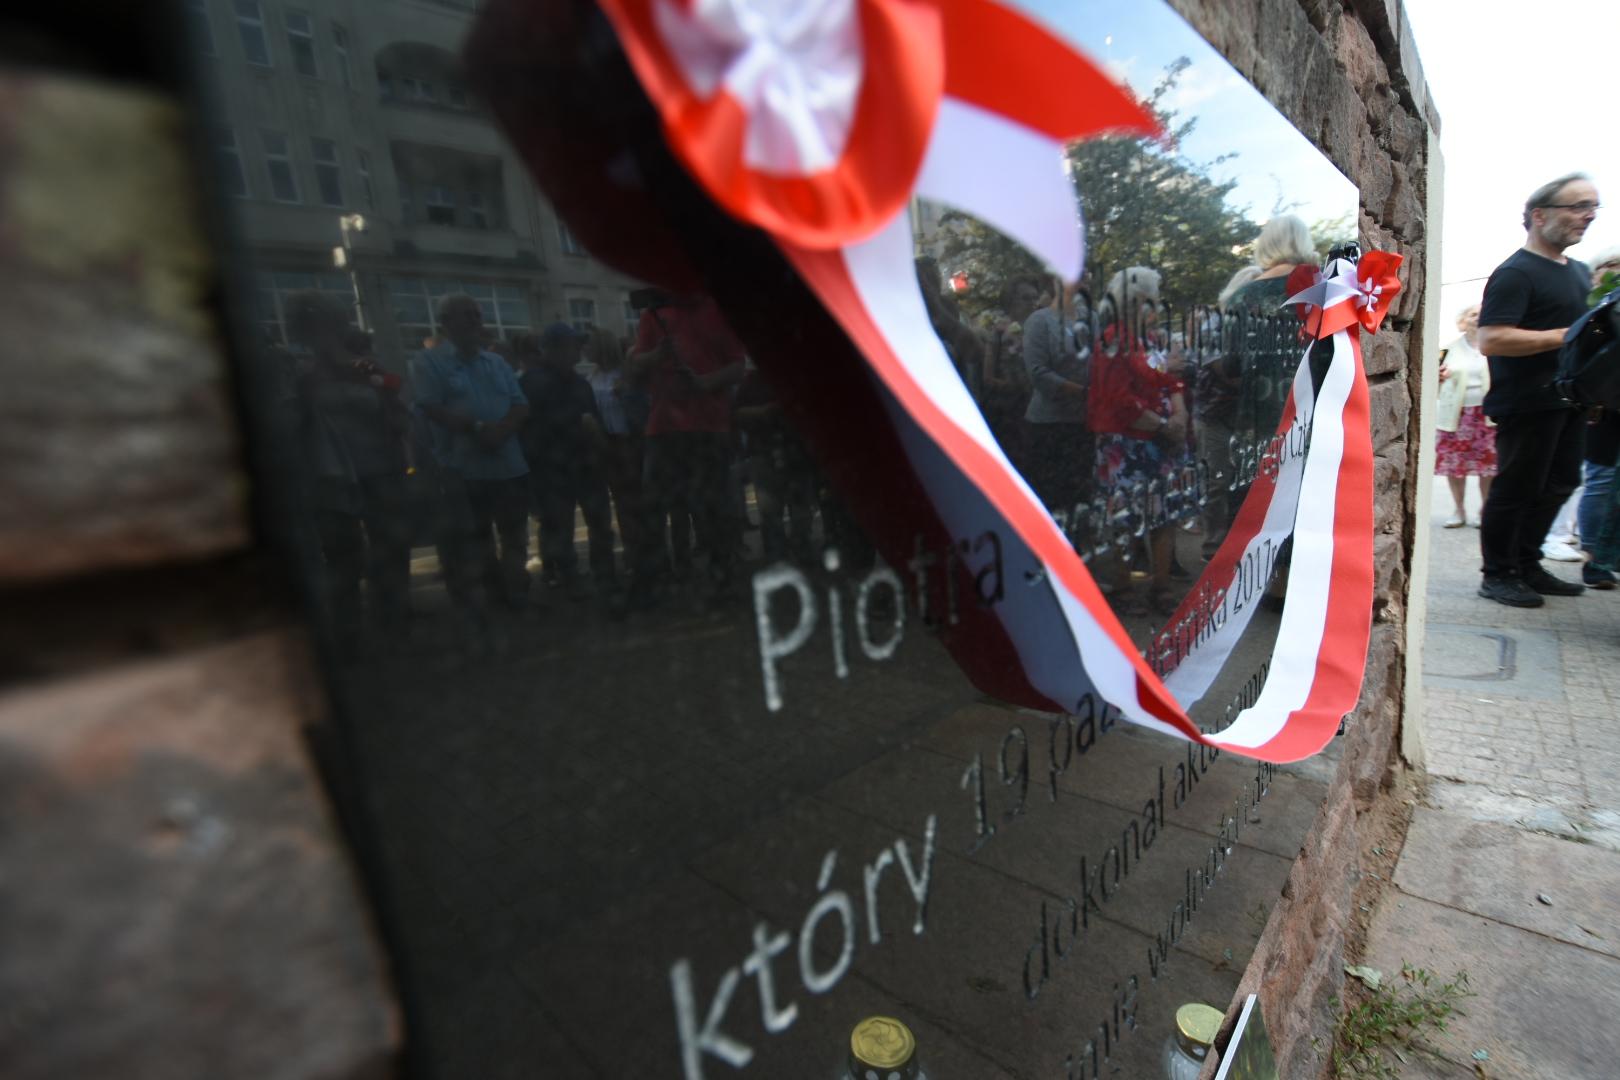 piotr szczęsny spalony tablica KOD - Wojtek Wardejn